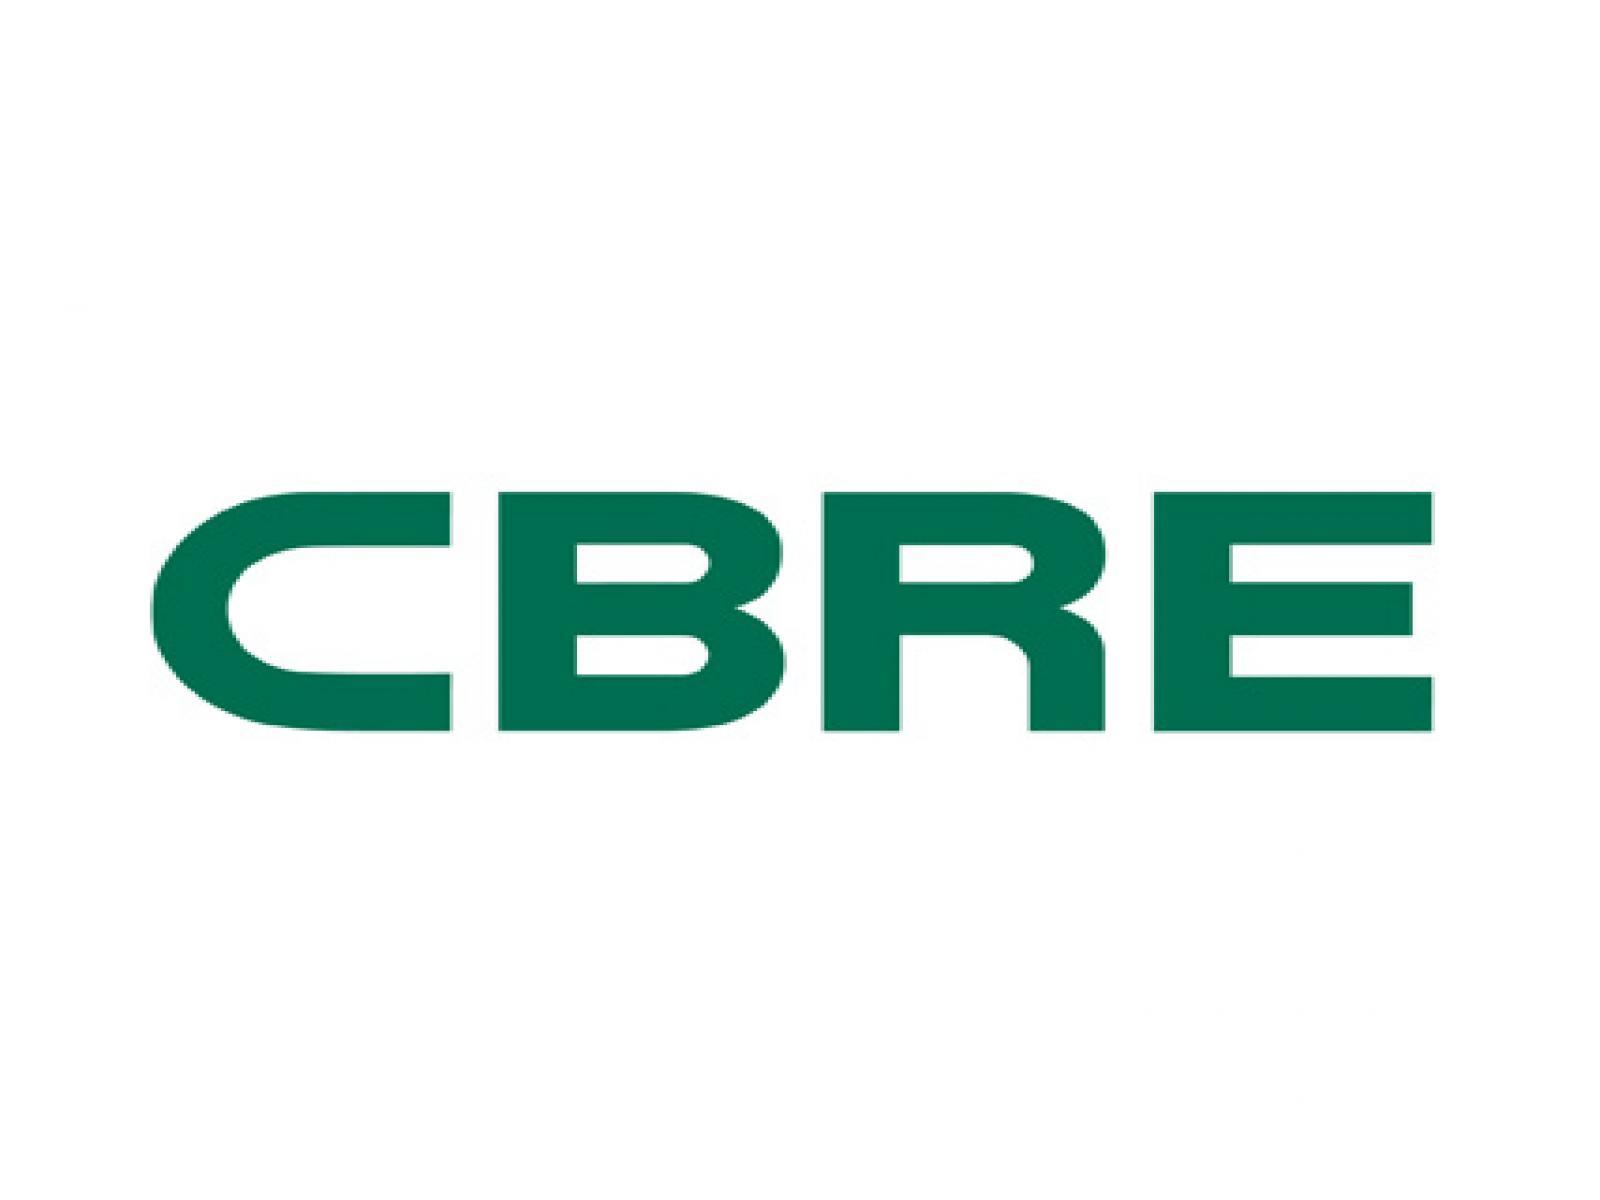 CBRE là đơn vị quản lý vận hành bất động sản lớn nhất thế giới